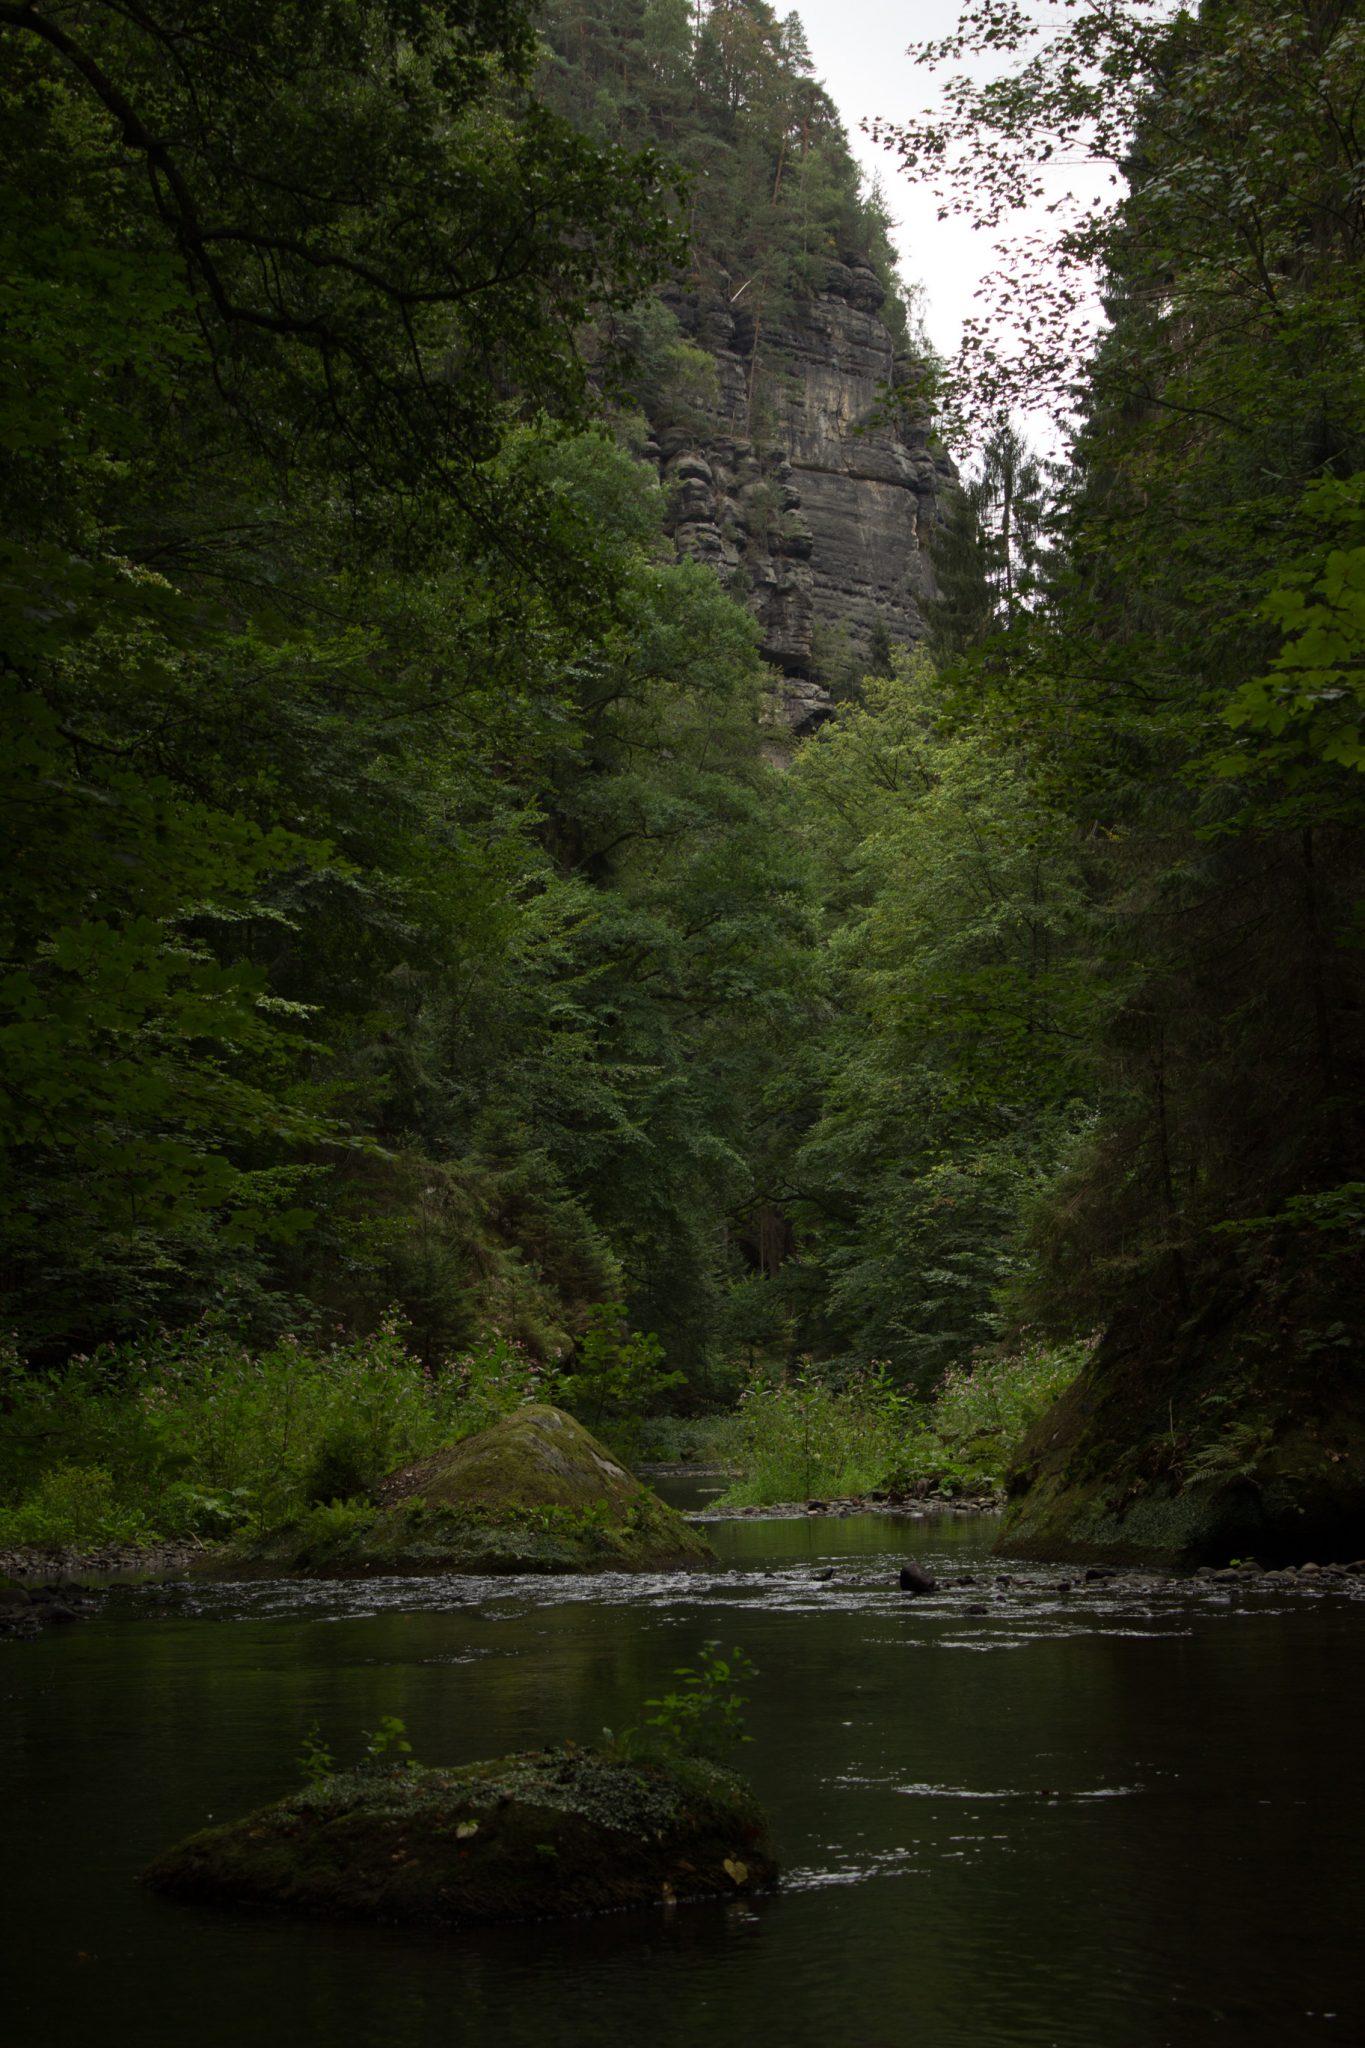 Wanderung durch Polenztal zur Bastei und zu Schwedenlöcher, Wanderweg im Polenztal, saftig grüner Wald, Weg neben Fluß Polenz, sehr hohe Felsen spenden Schatten im Tal